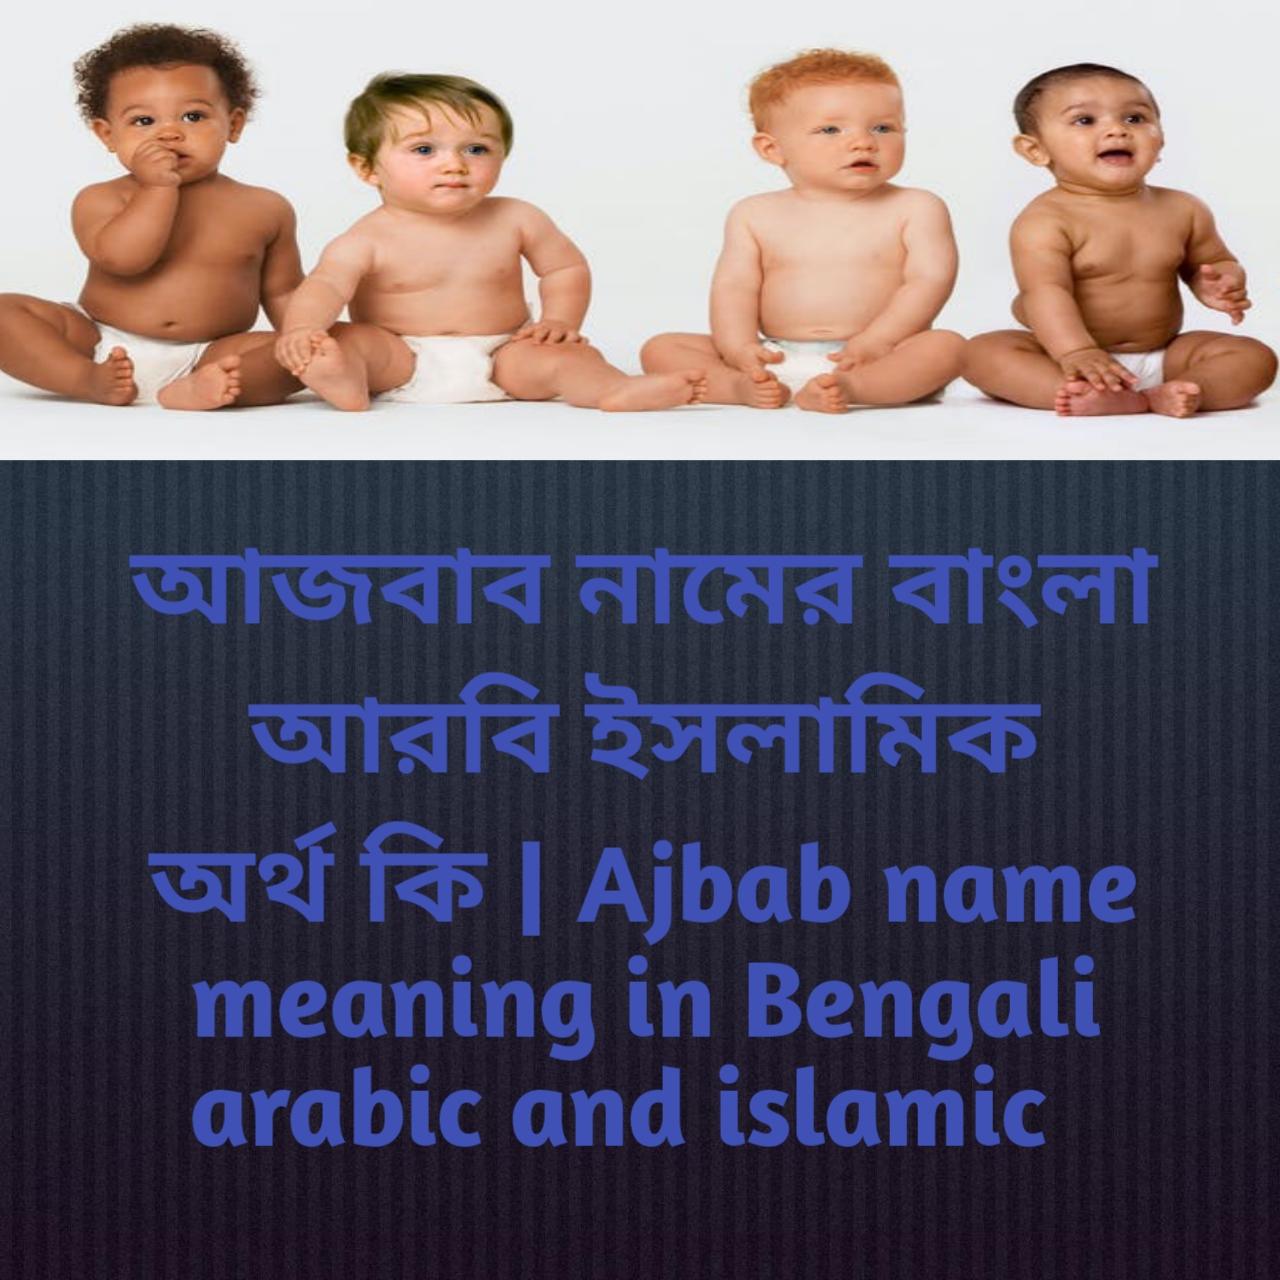 আজবাব নামের অর্থ কি, আজবাব নামের বাংলা অর্থ কি, আজবাব নামের ইসলামিক অর্থ কি, Ajbab name meaning in Bengali, আজবাব কি ইসলামিক নাম,